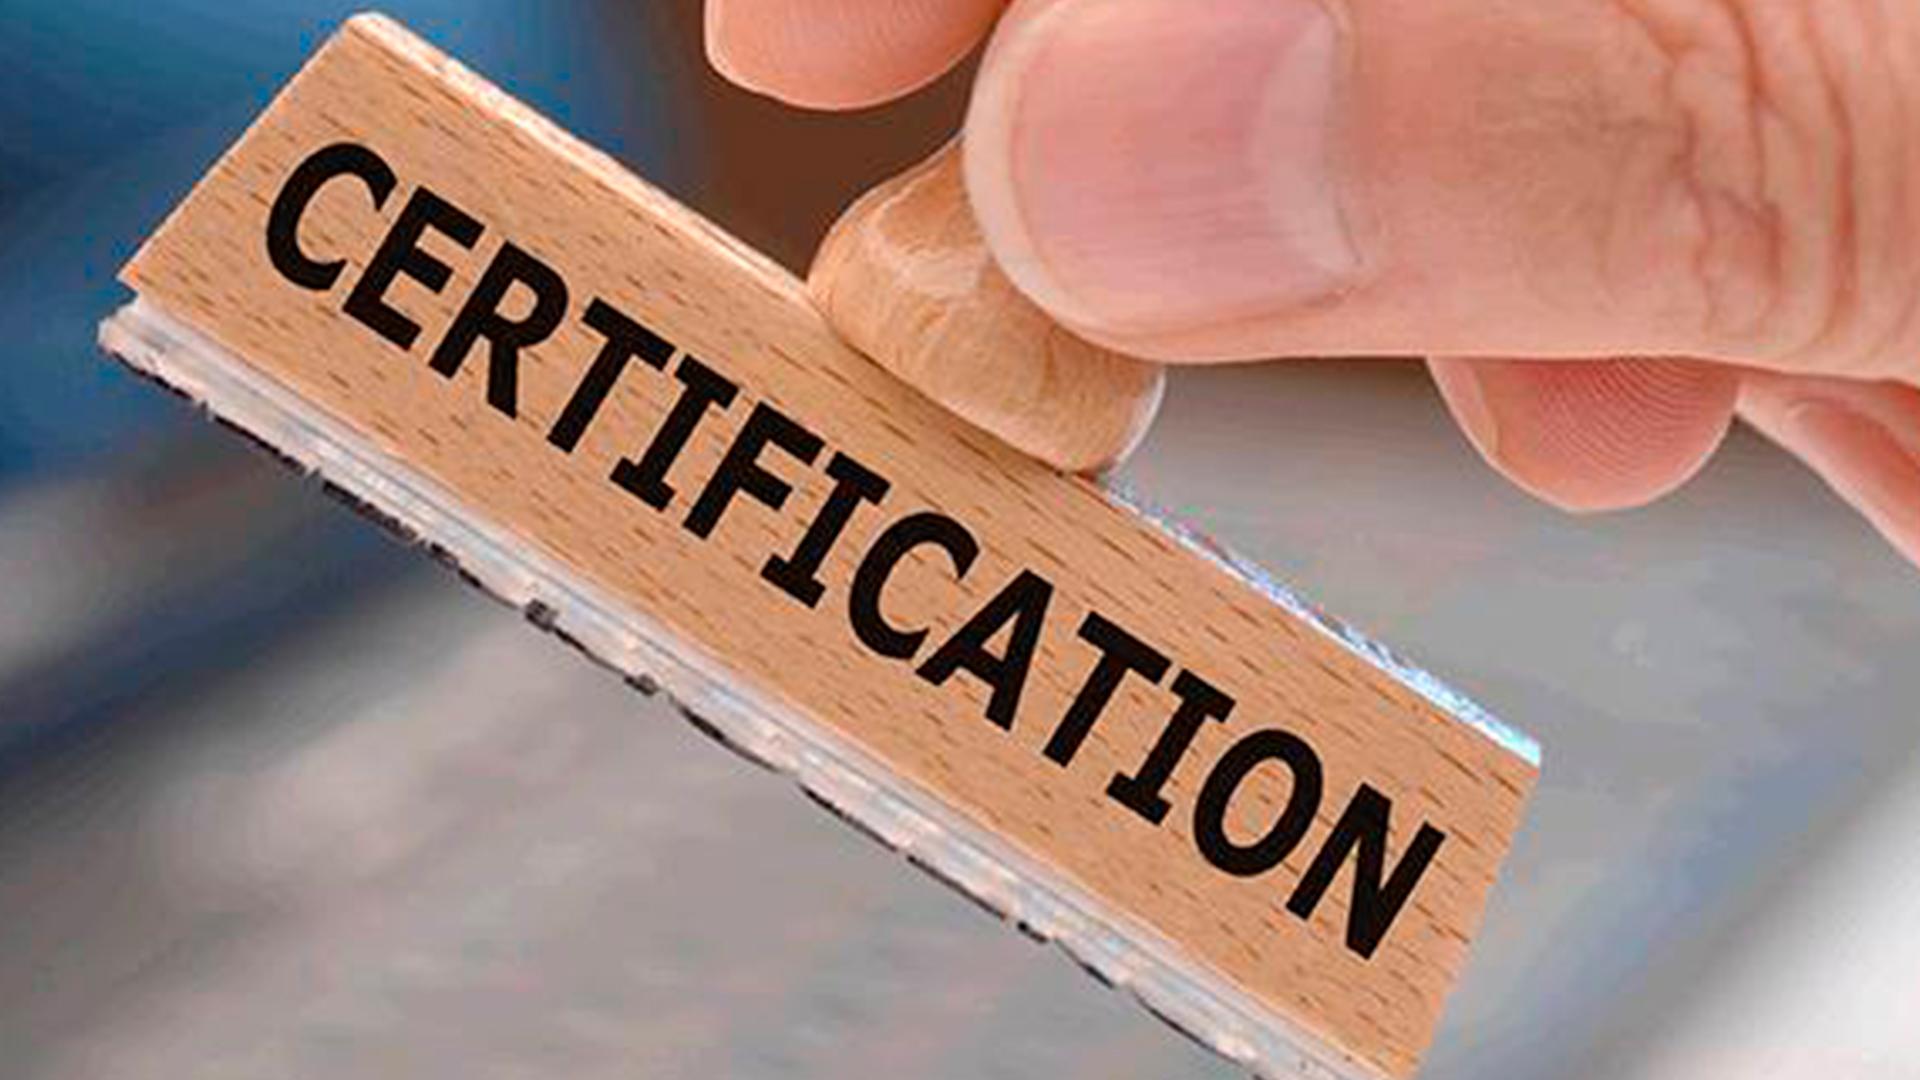 Мүмкіндігі шектеулі кәсіпкерлерден индустриялық сертификат талап етілмеуі мүмкін